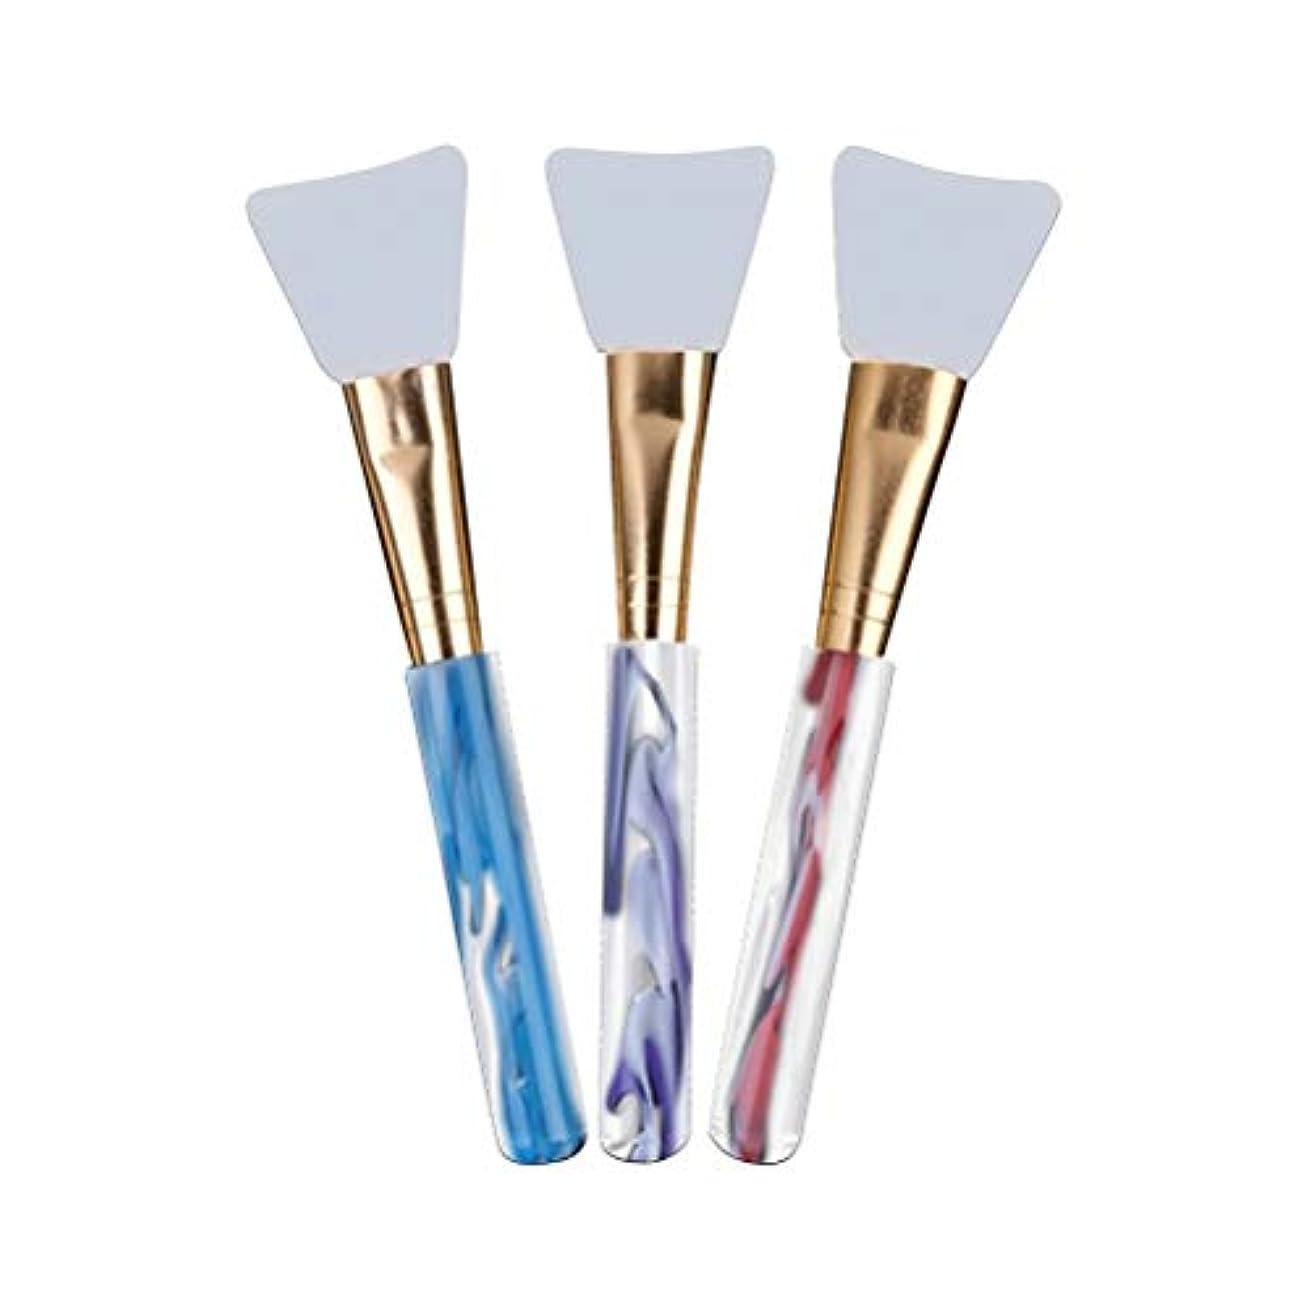 三規則性エネルギーFrcolor マスクブラシ シリコン メイクブラシ マスク用 ビューティーツール マスクツール DIY ソフト 多機能 化粧筆 3本セット